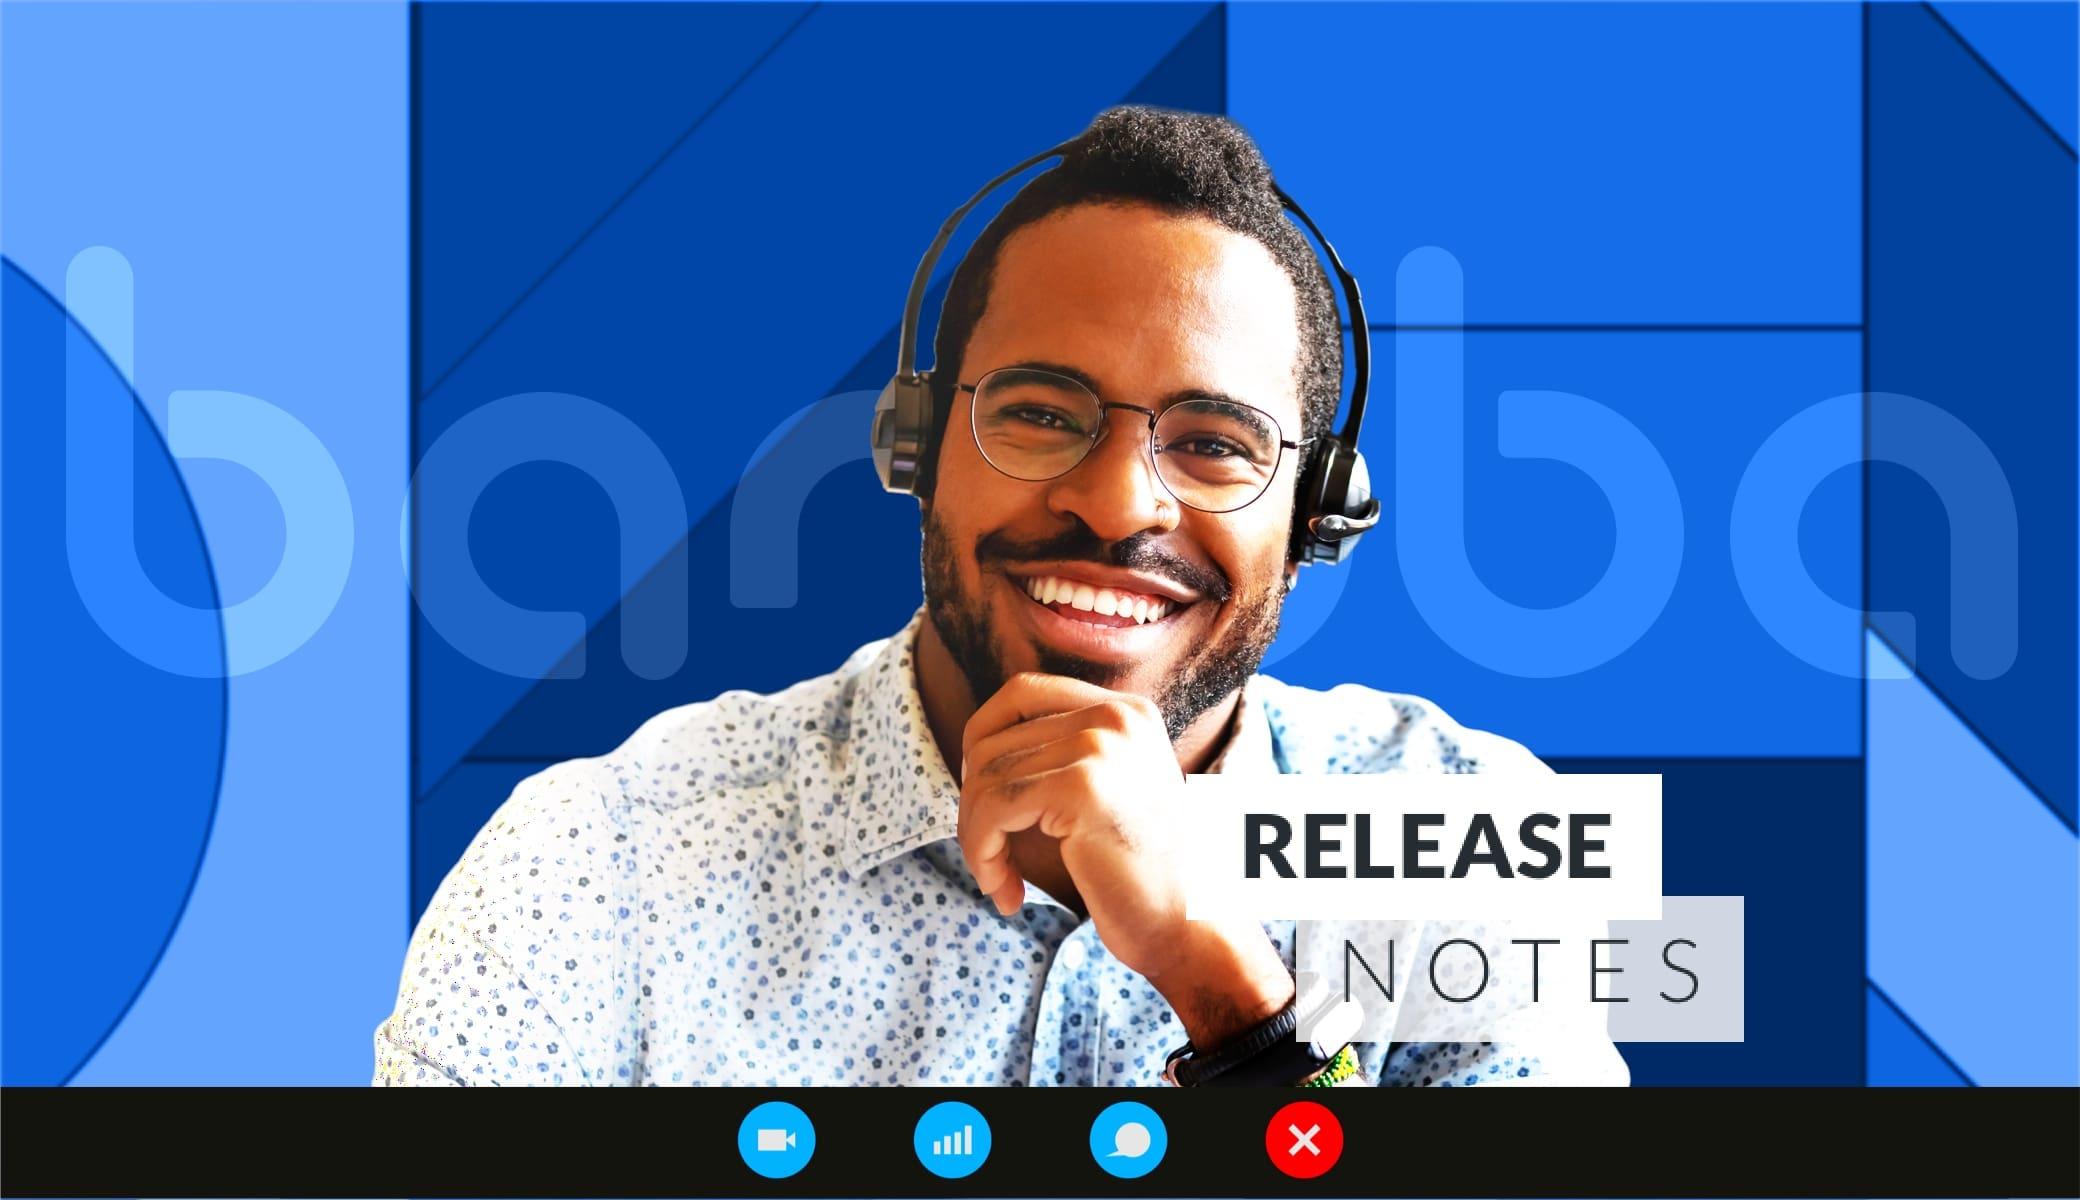 banuba sdk release v0.32 hero image